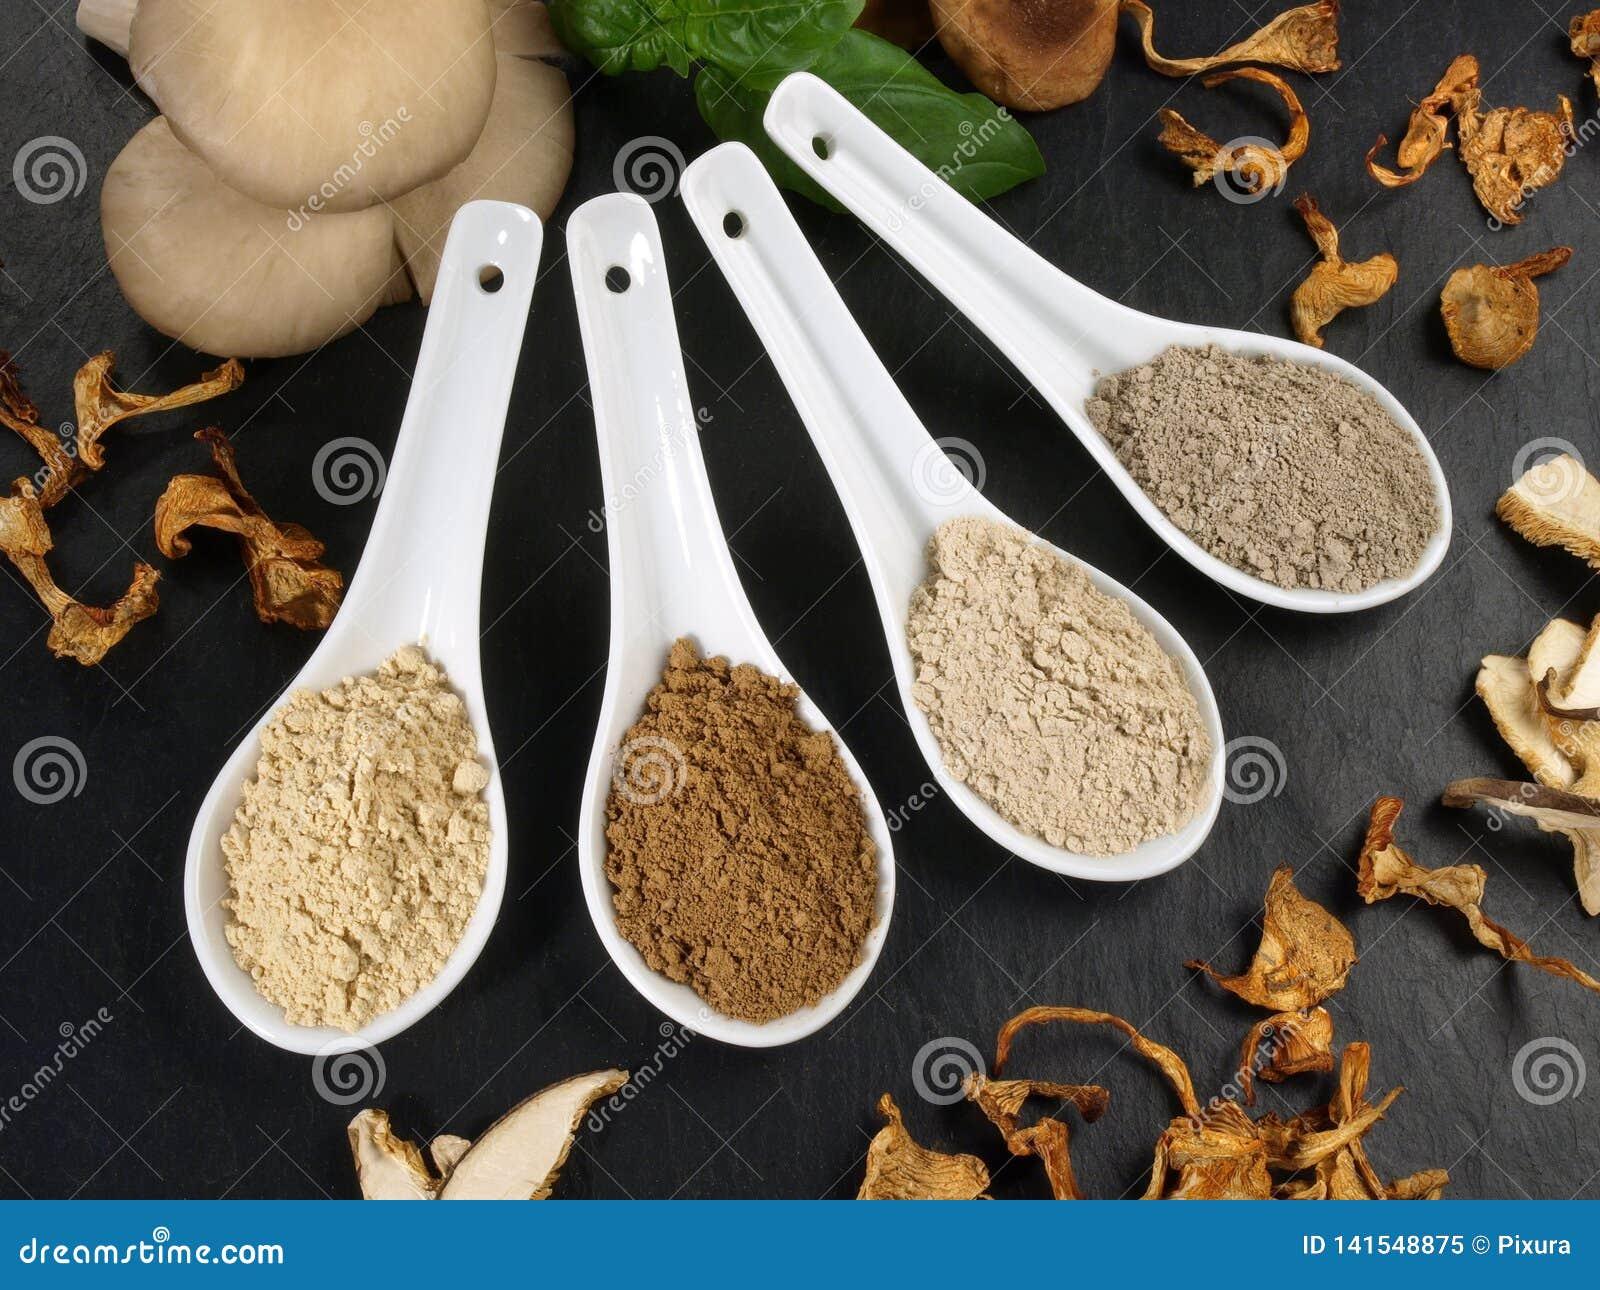 Medicinal Mushrooms - Healthy Nutrition